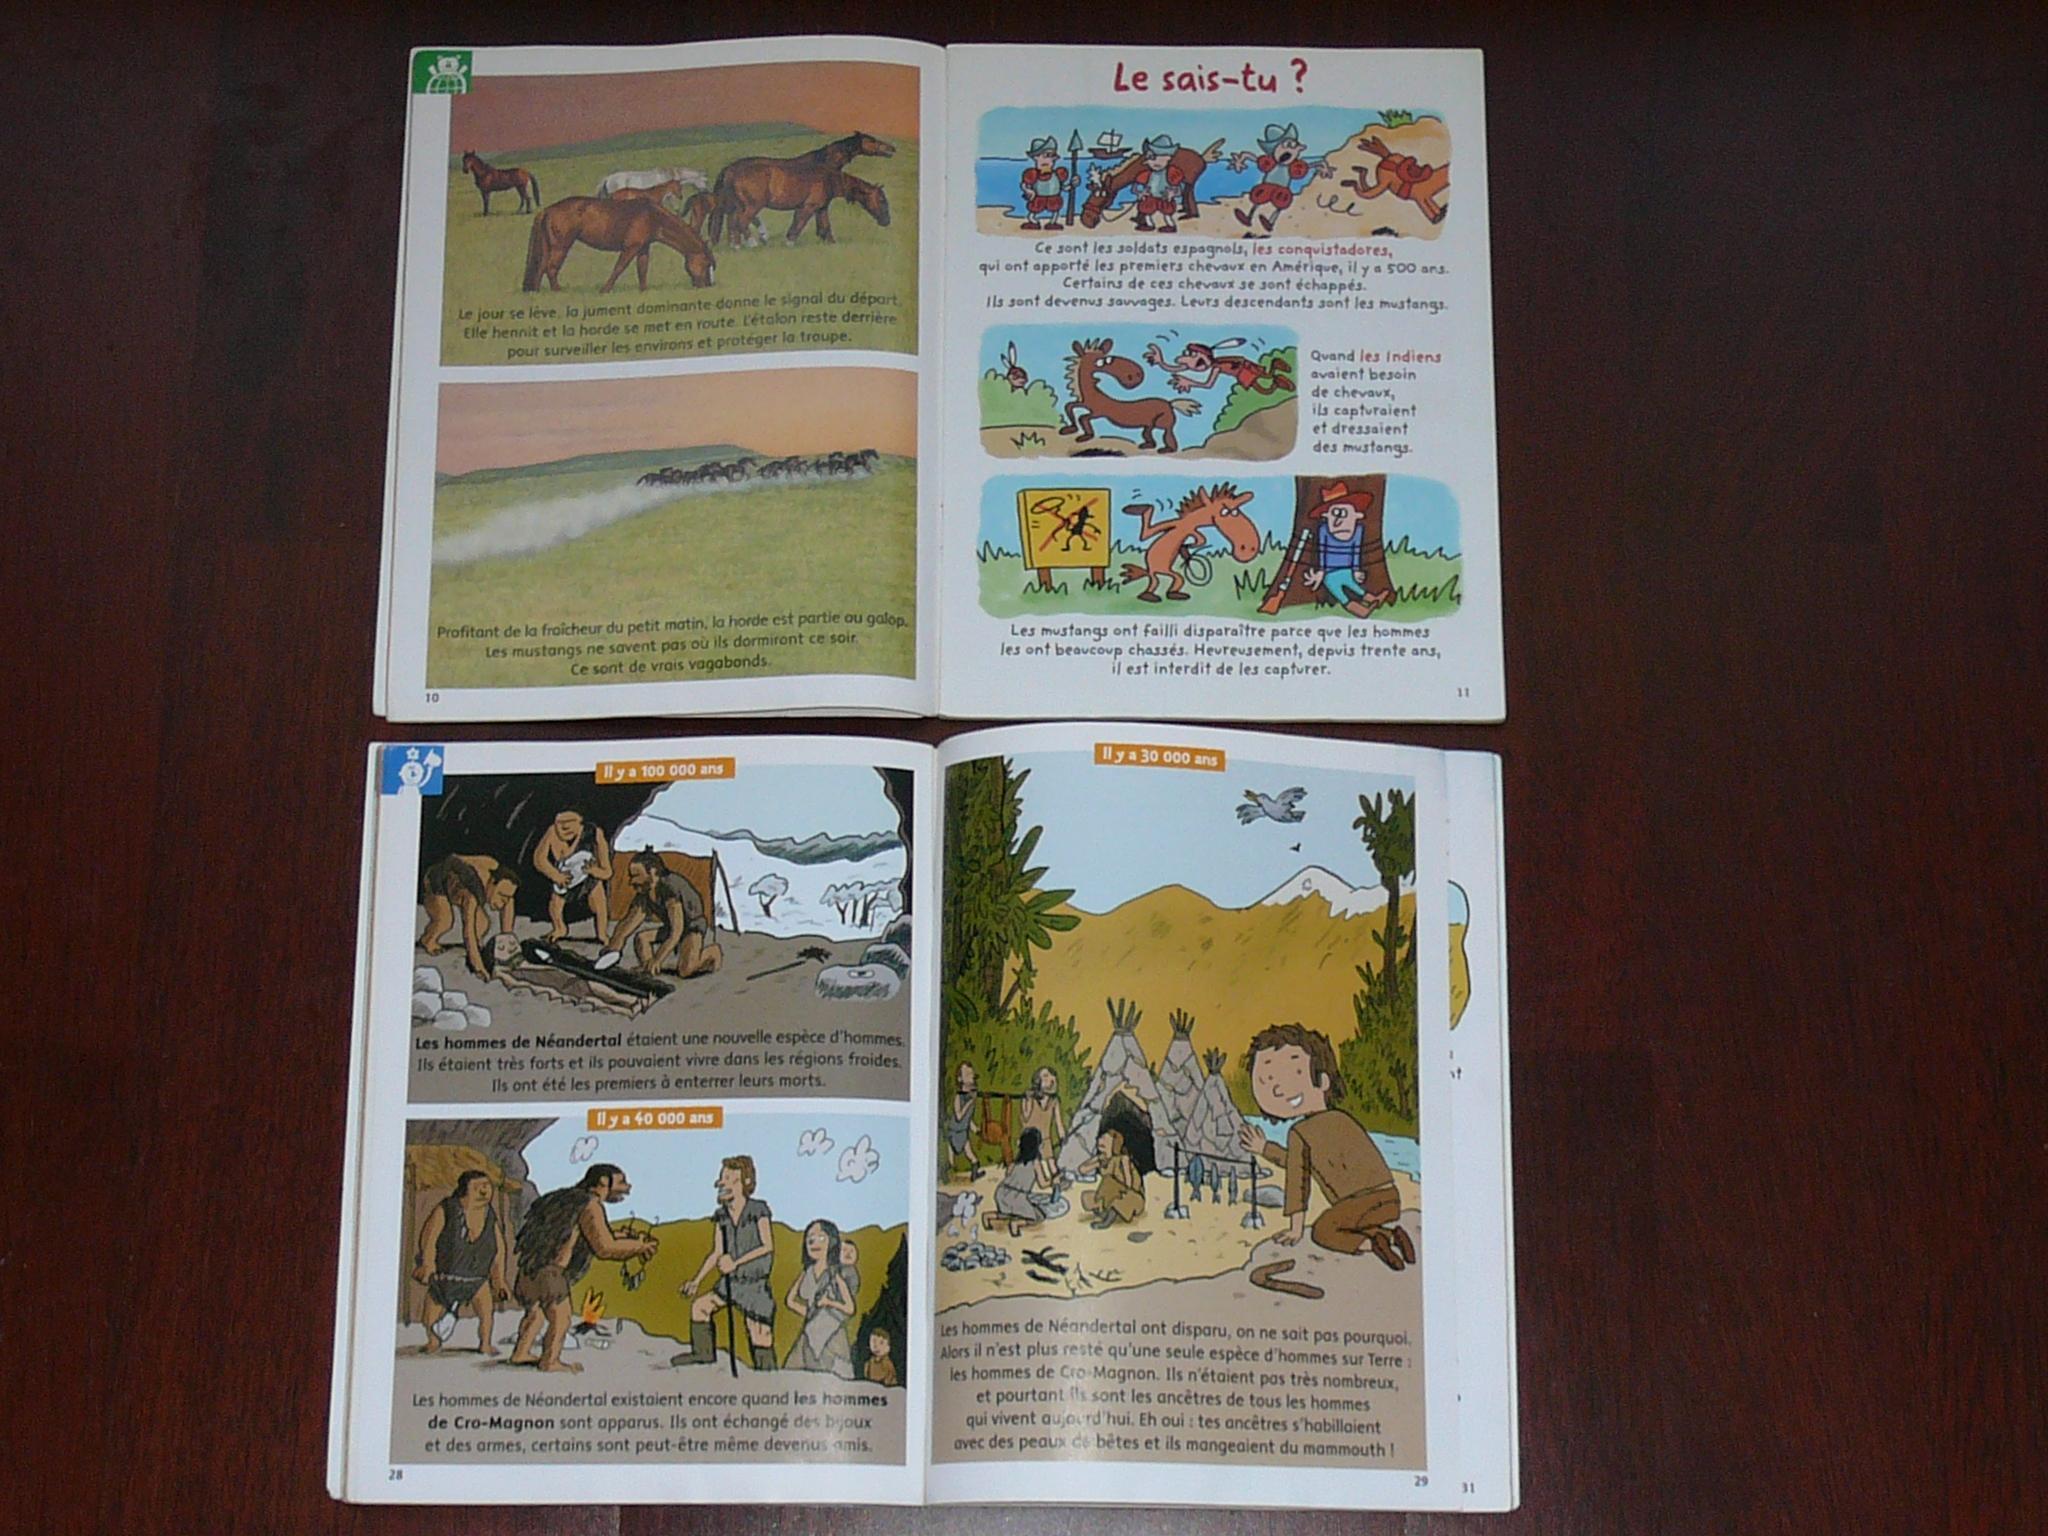 troc de troc lot magazines enfant youpi image 1